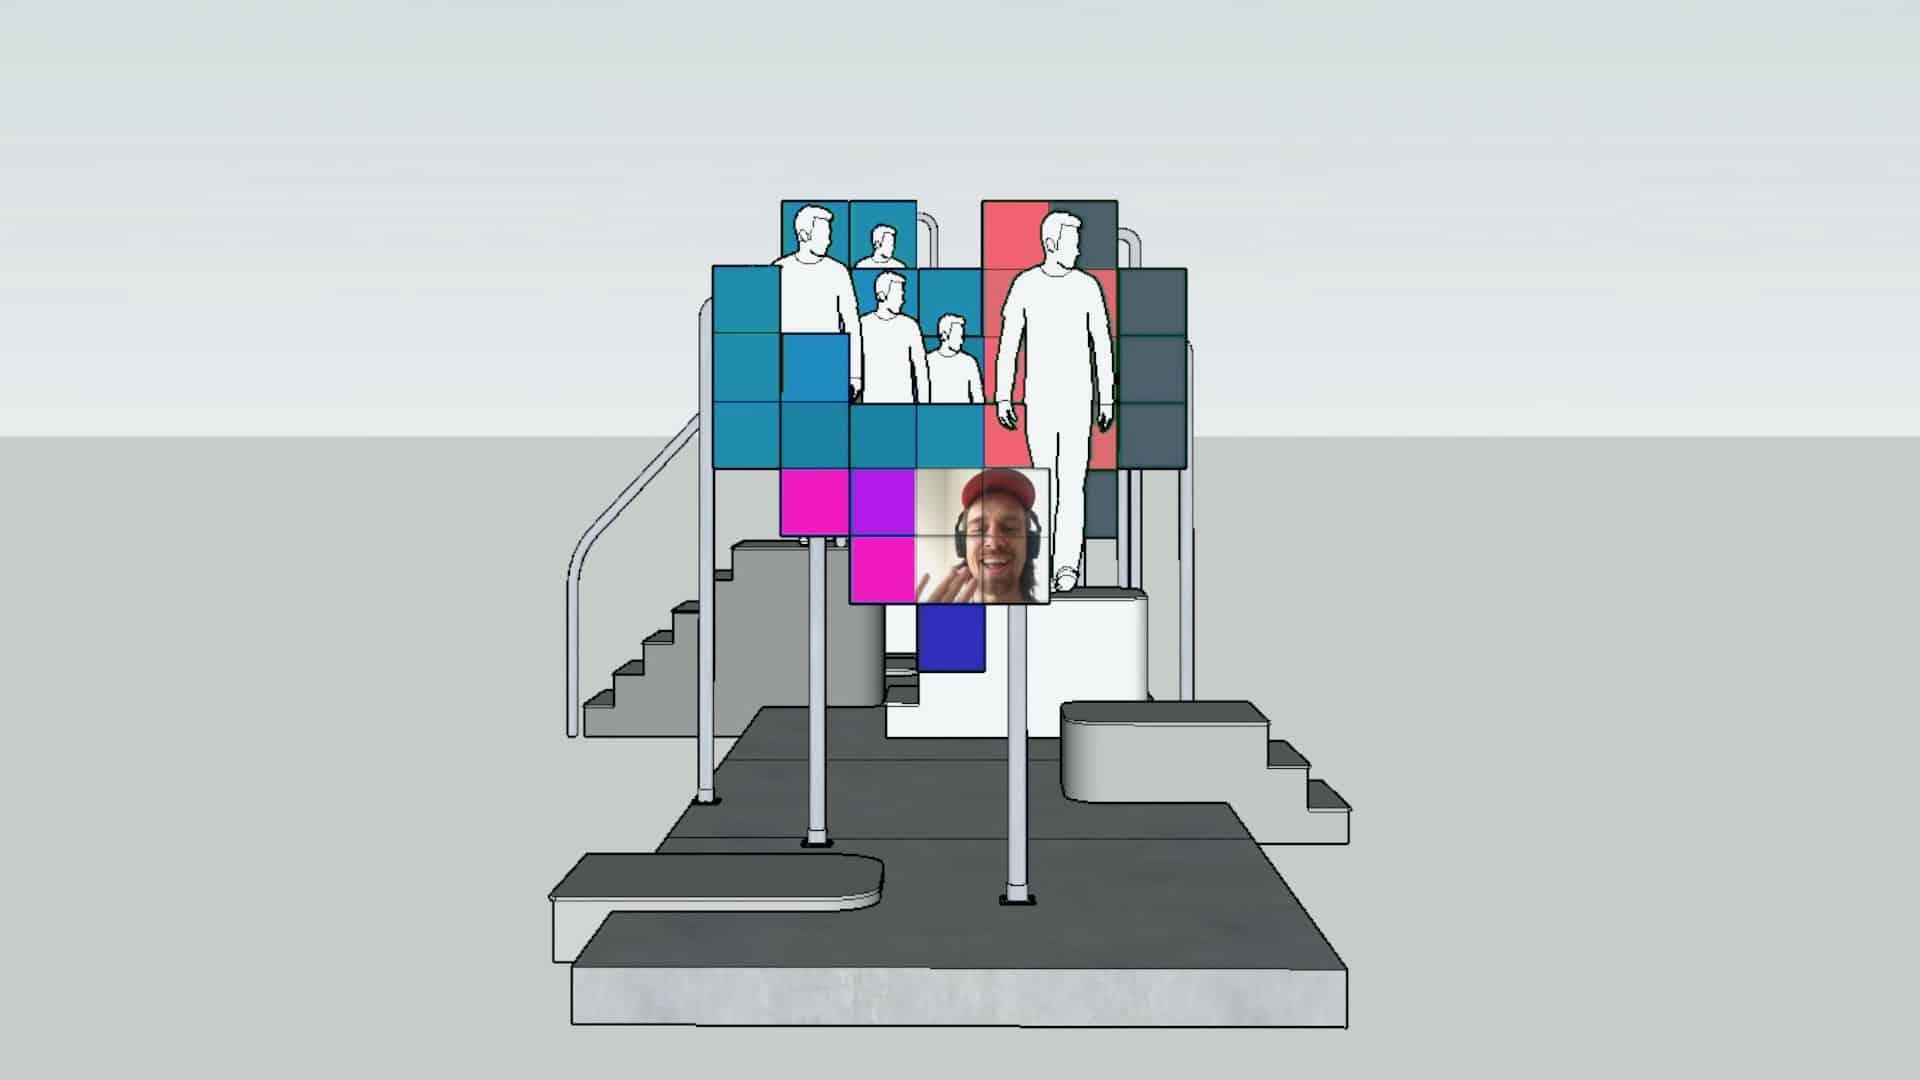 Kunstinstallatie Aldo brinkhoff met gekleurde schermen met mensen op trappen en een scherm met live beeld van Aldo